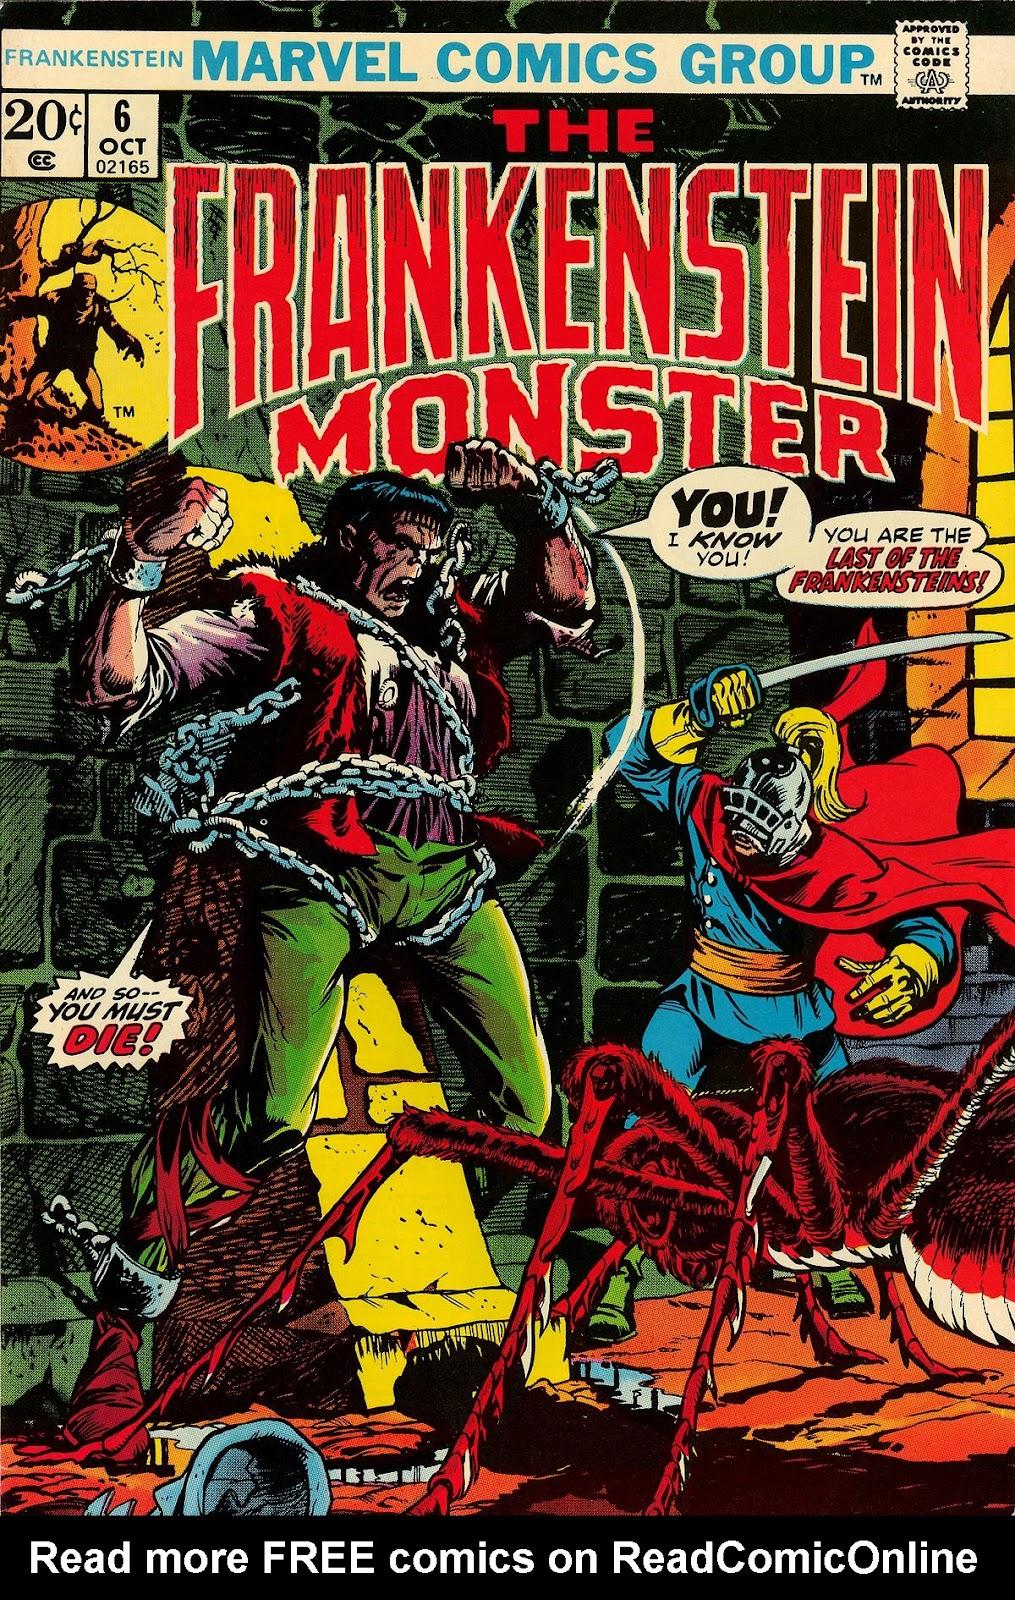 Frankenstein (1973) issue 6 - Page 1